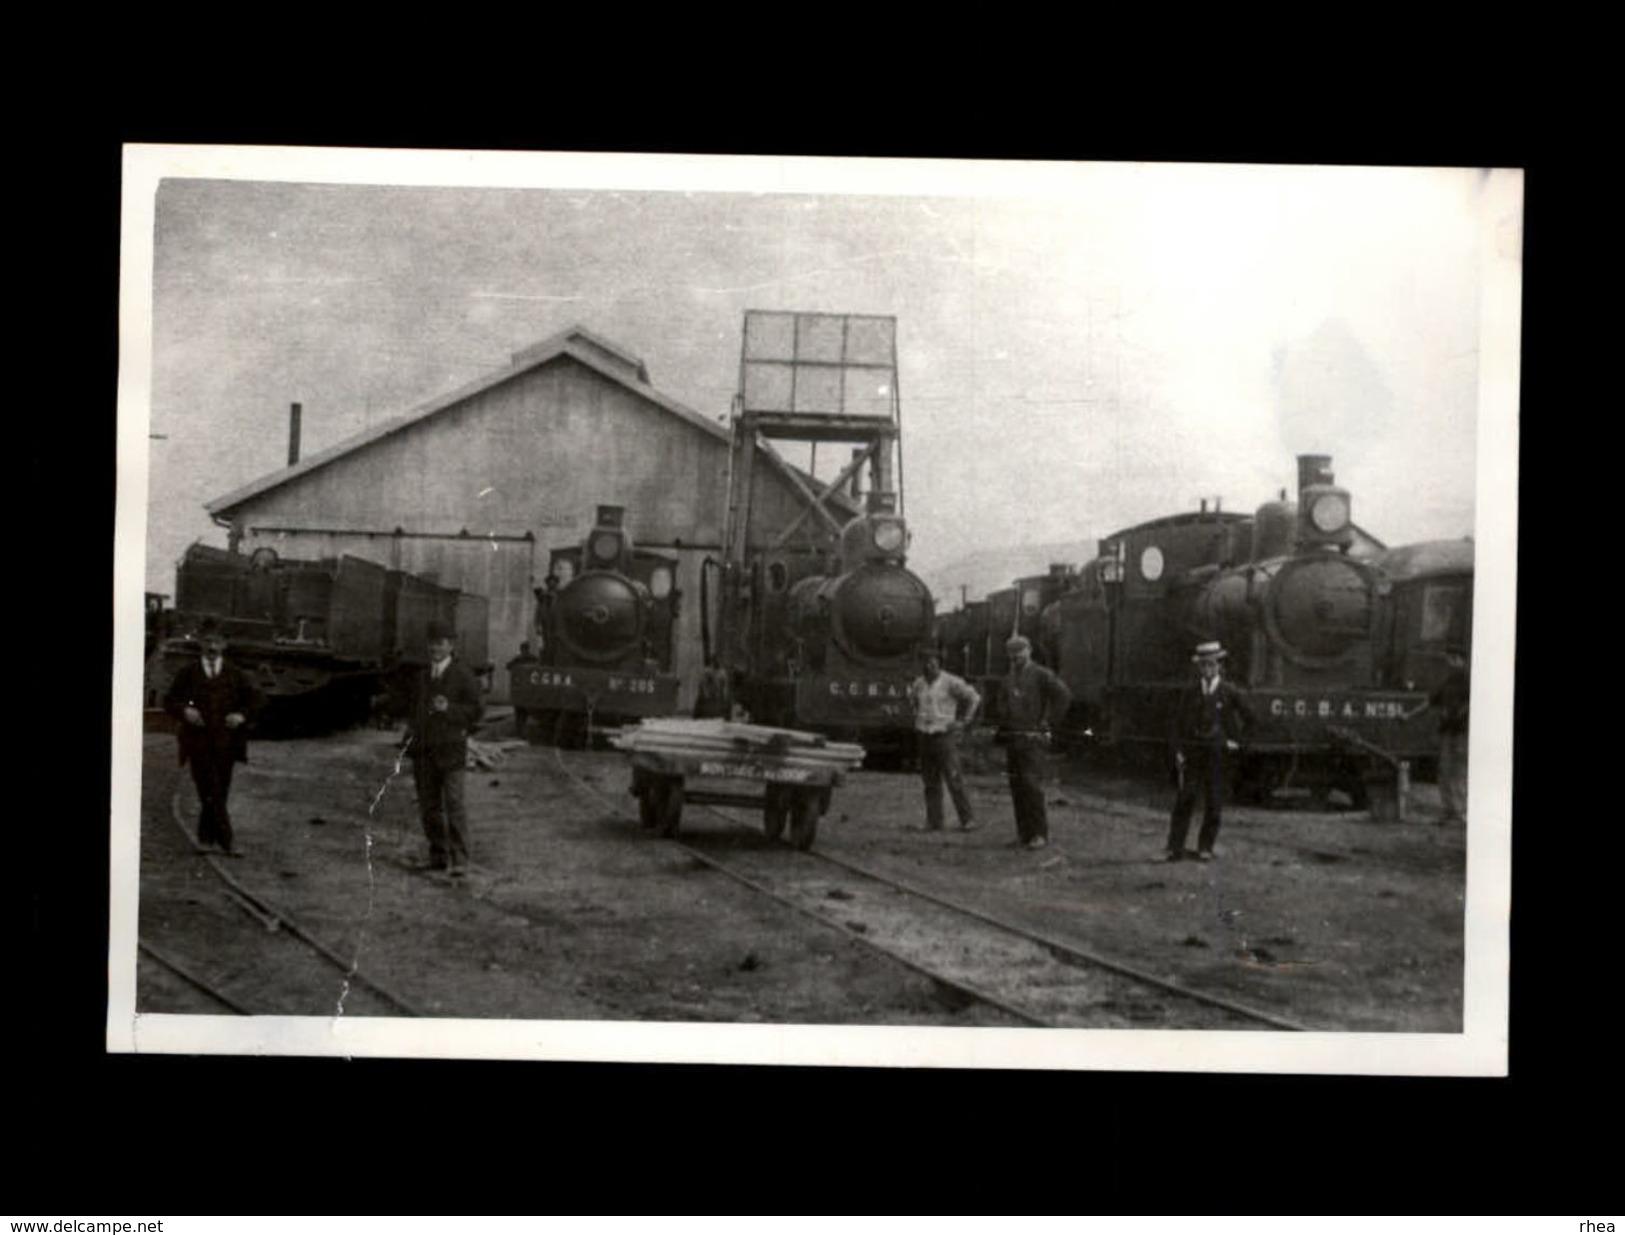 TRAINS - ARGENTINE - BUENOS AIRES - Talleres Riachuelo - PHOTO à Partir Des Archives - Trains